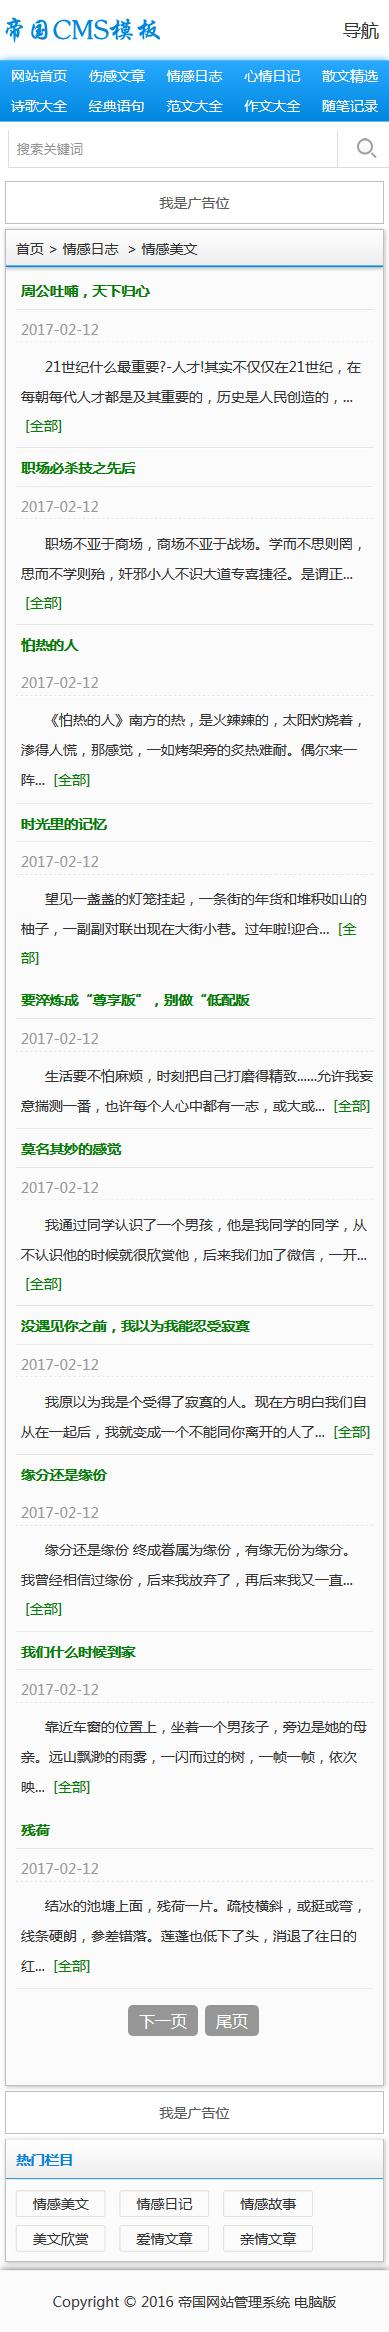 帝国cms蓝色新闻资讯文章模板加手机wap模板_手机版列表模板